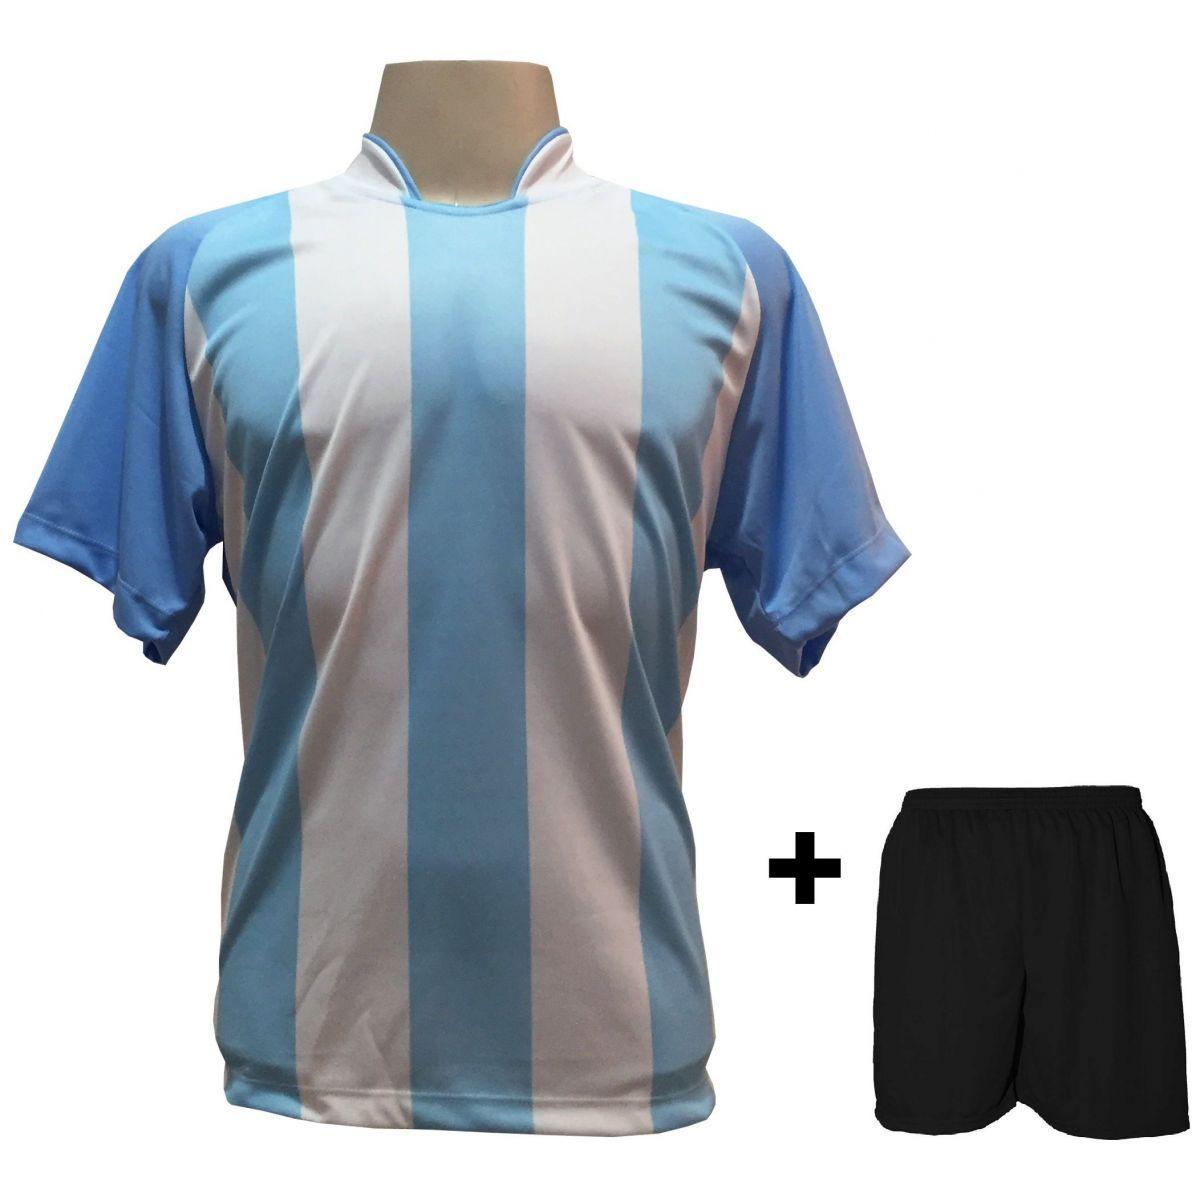 Uniforme Esportivo com 18 Camisas modelo Milan Celeste/Branco + 18 Calções modelo Madrid Preto